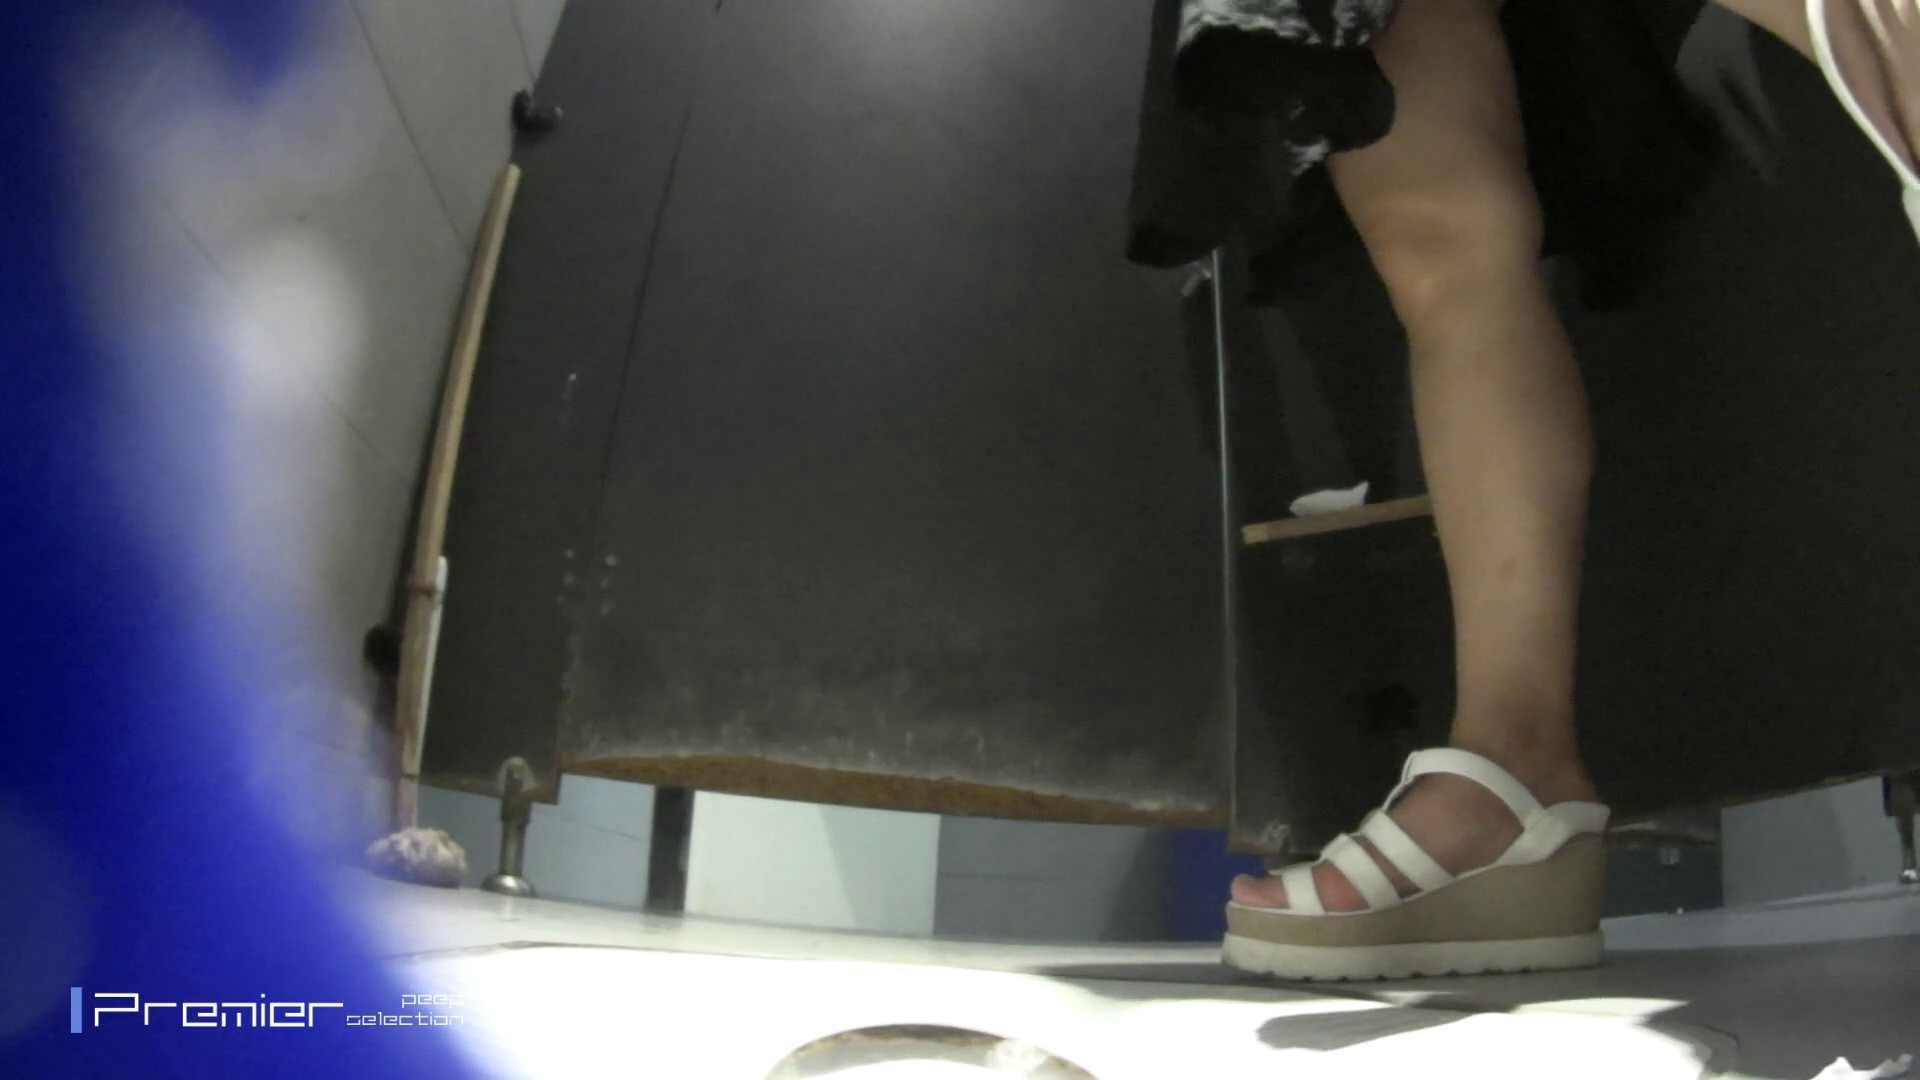 お尻にチリ紙をつけてる美女 大学休憩時間の洗面所事情54 洗面所 盗撮おまんこ無修正動画無料 101pic 27